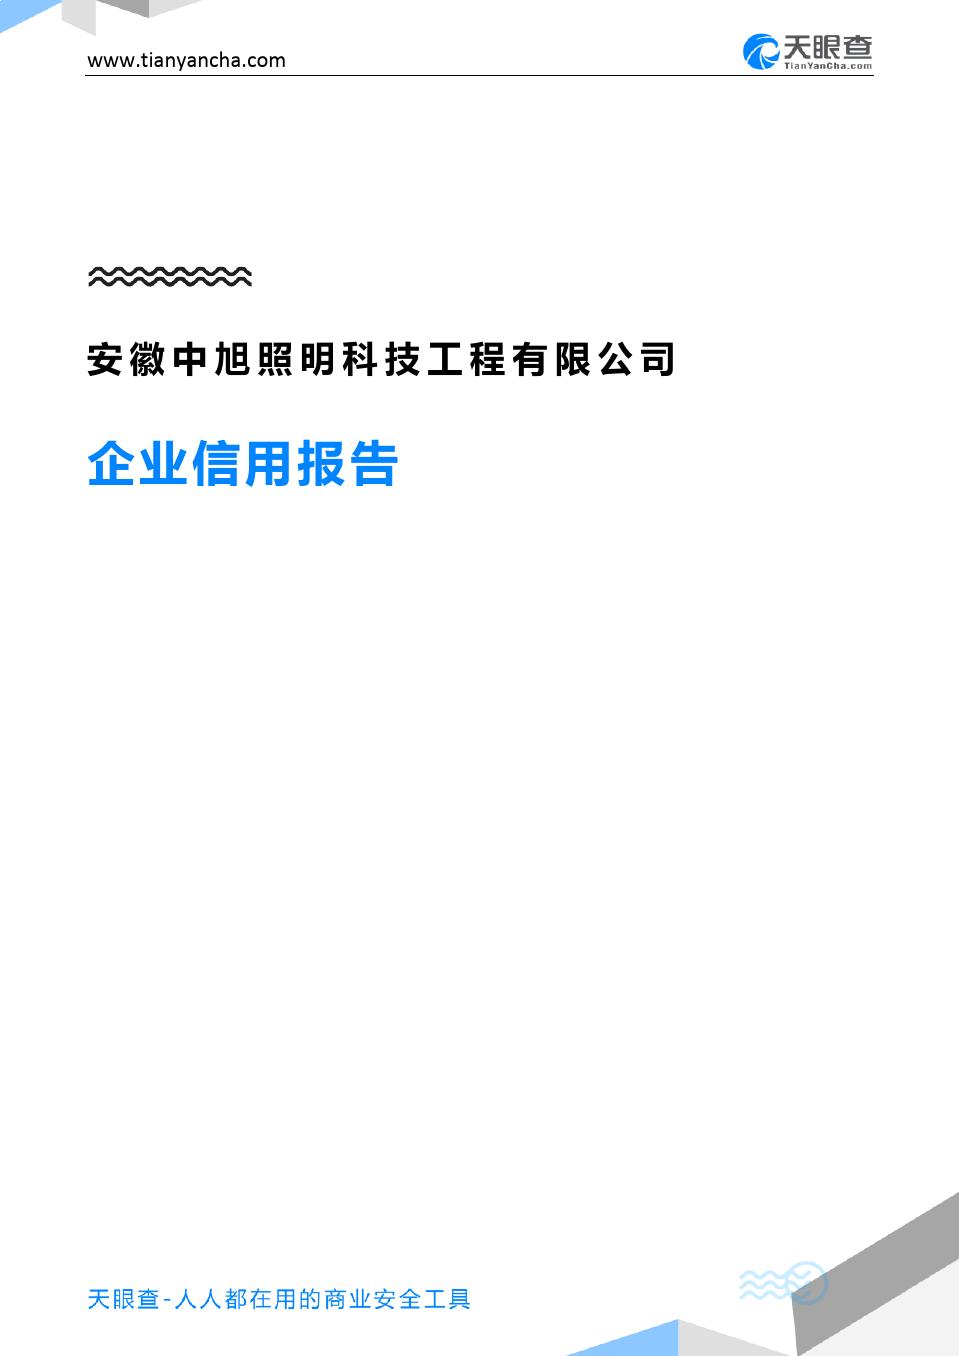 安徽中旭照明科技工程有限公司(企业信用报告)- 天眼查